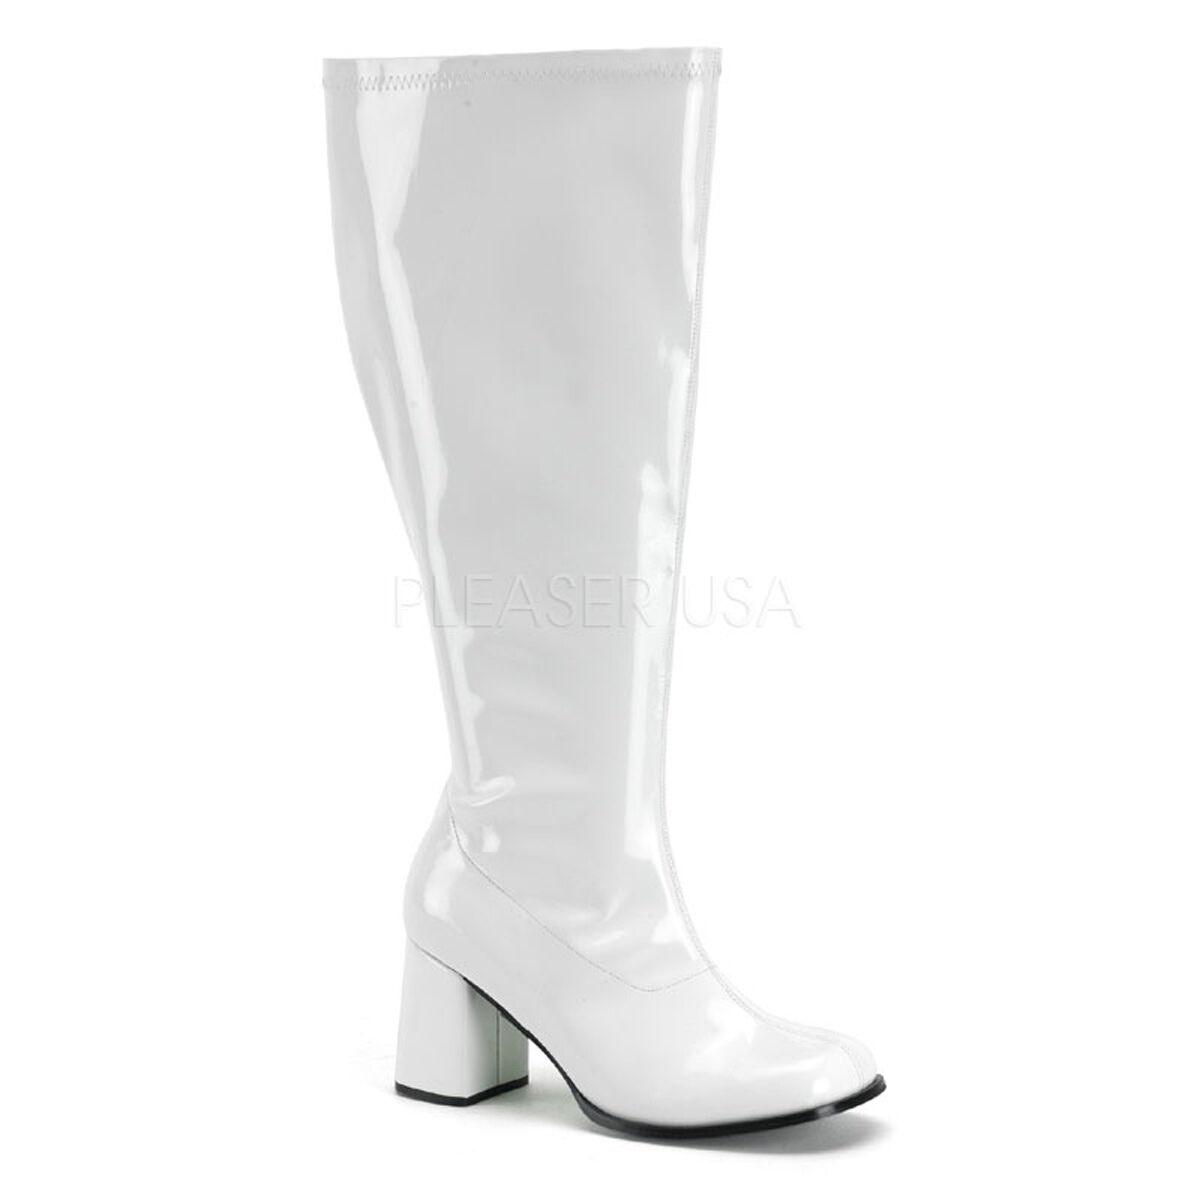 WIDE WIDTH WIDE CALF Women's Retro 70s White Gogo Retro Costume Boots GOGO300X W